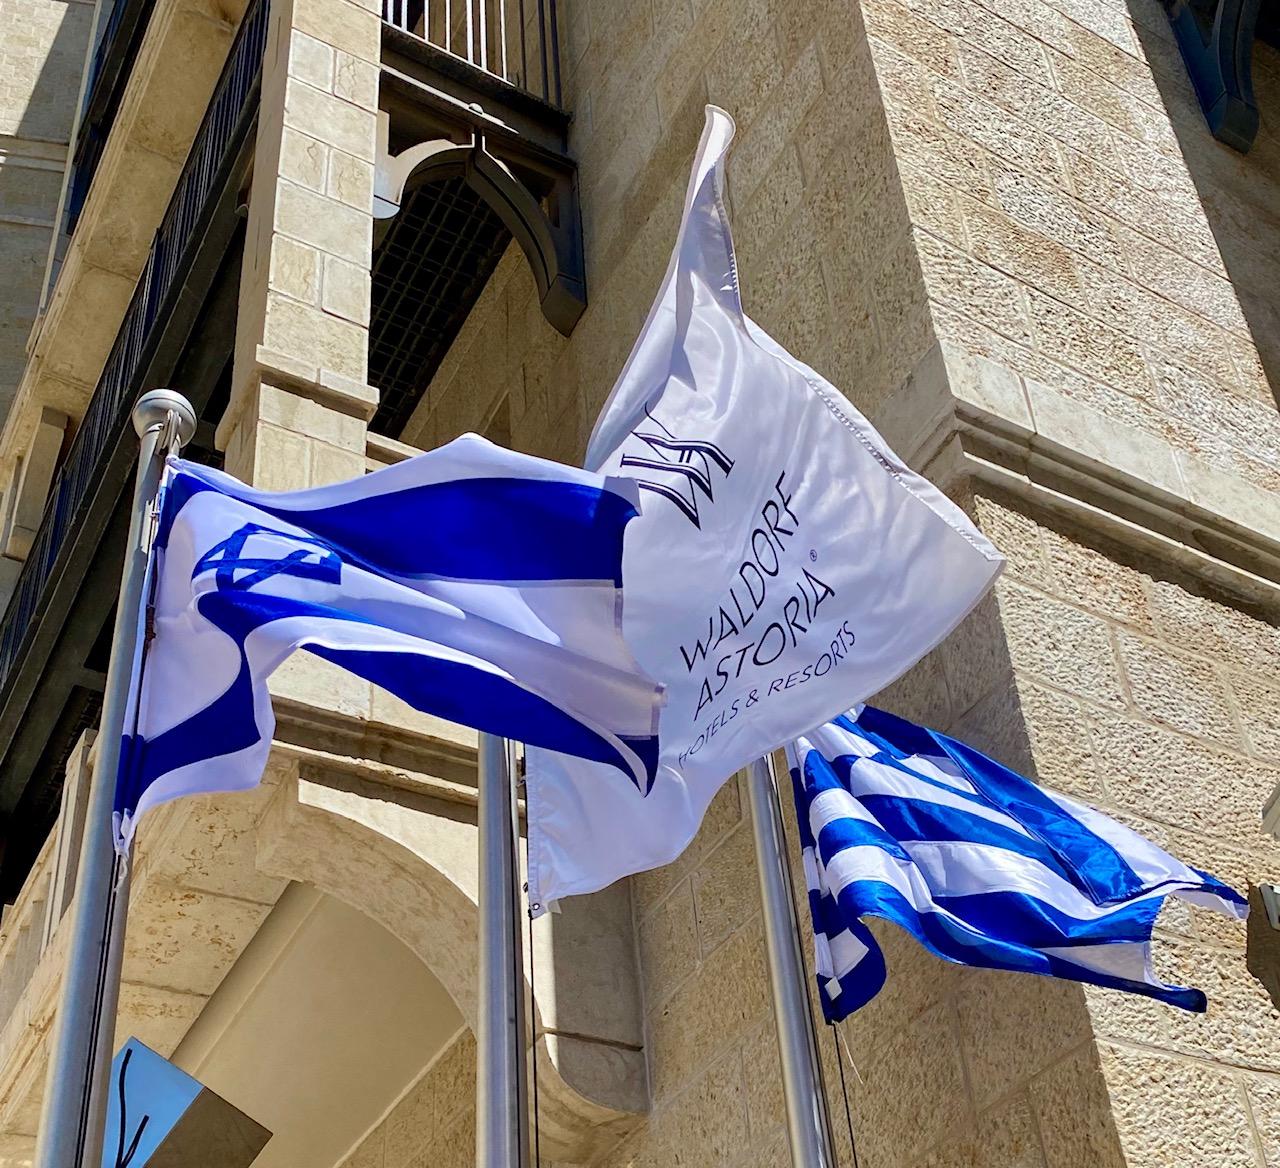 Grčka: Premijer Mitsotakis u dvodnevnoj poseti Izraelu 16. i 17. juna